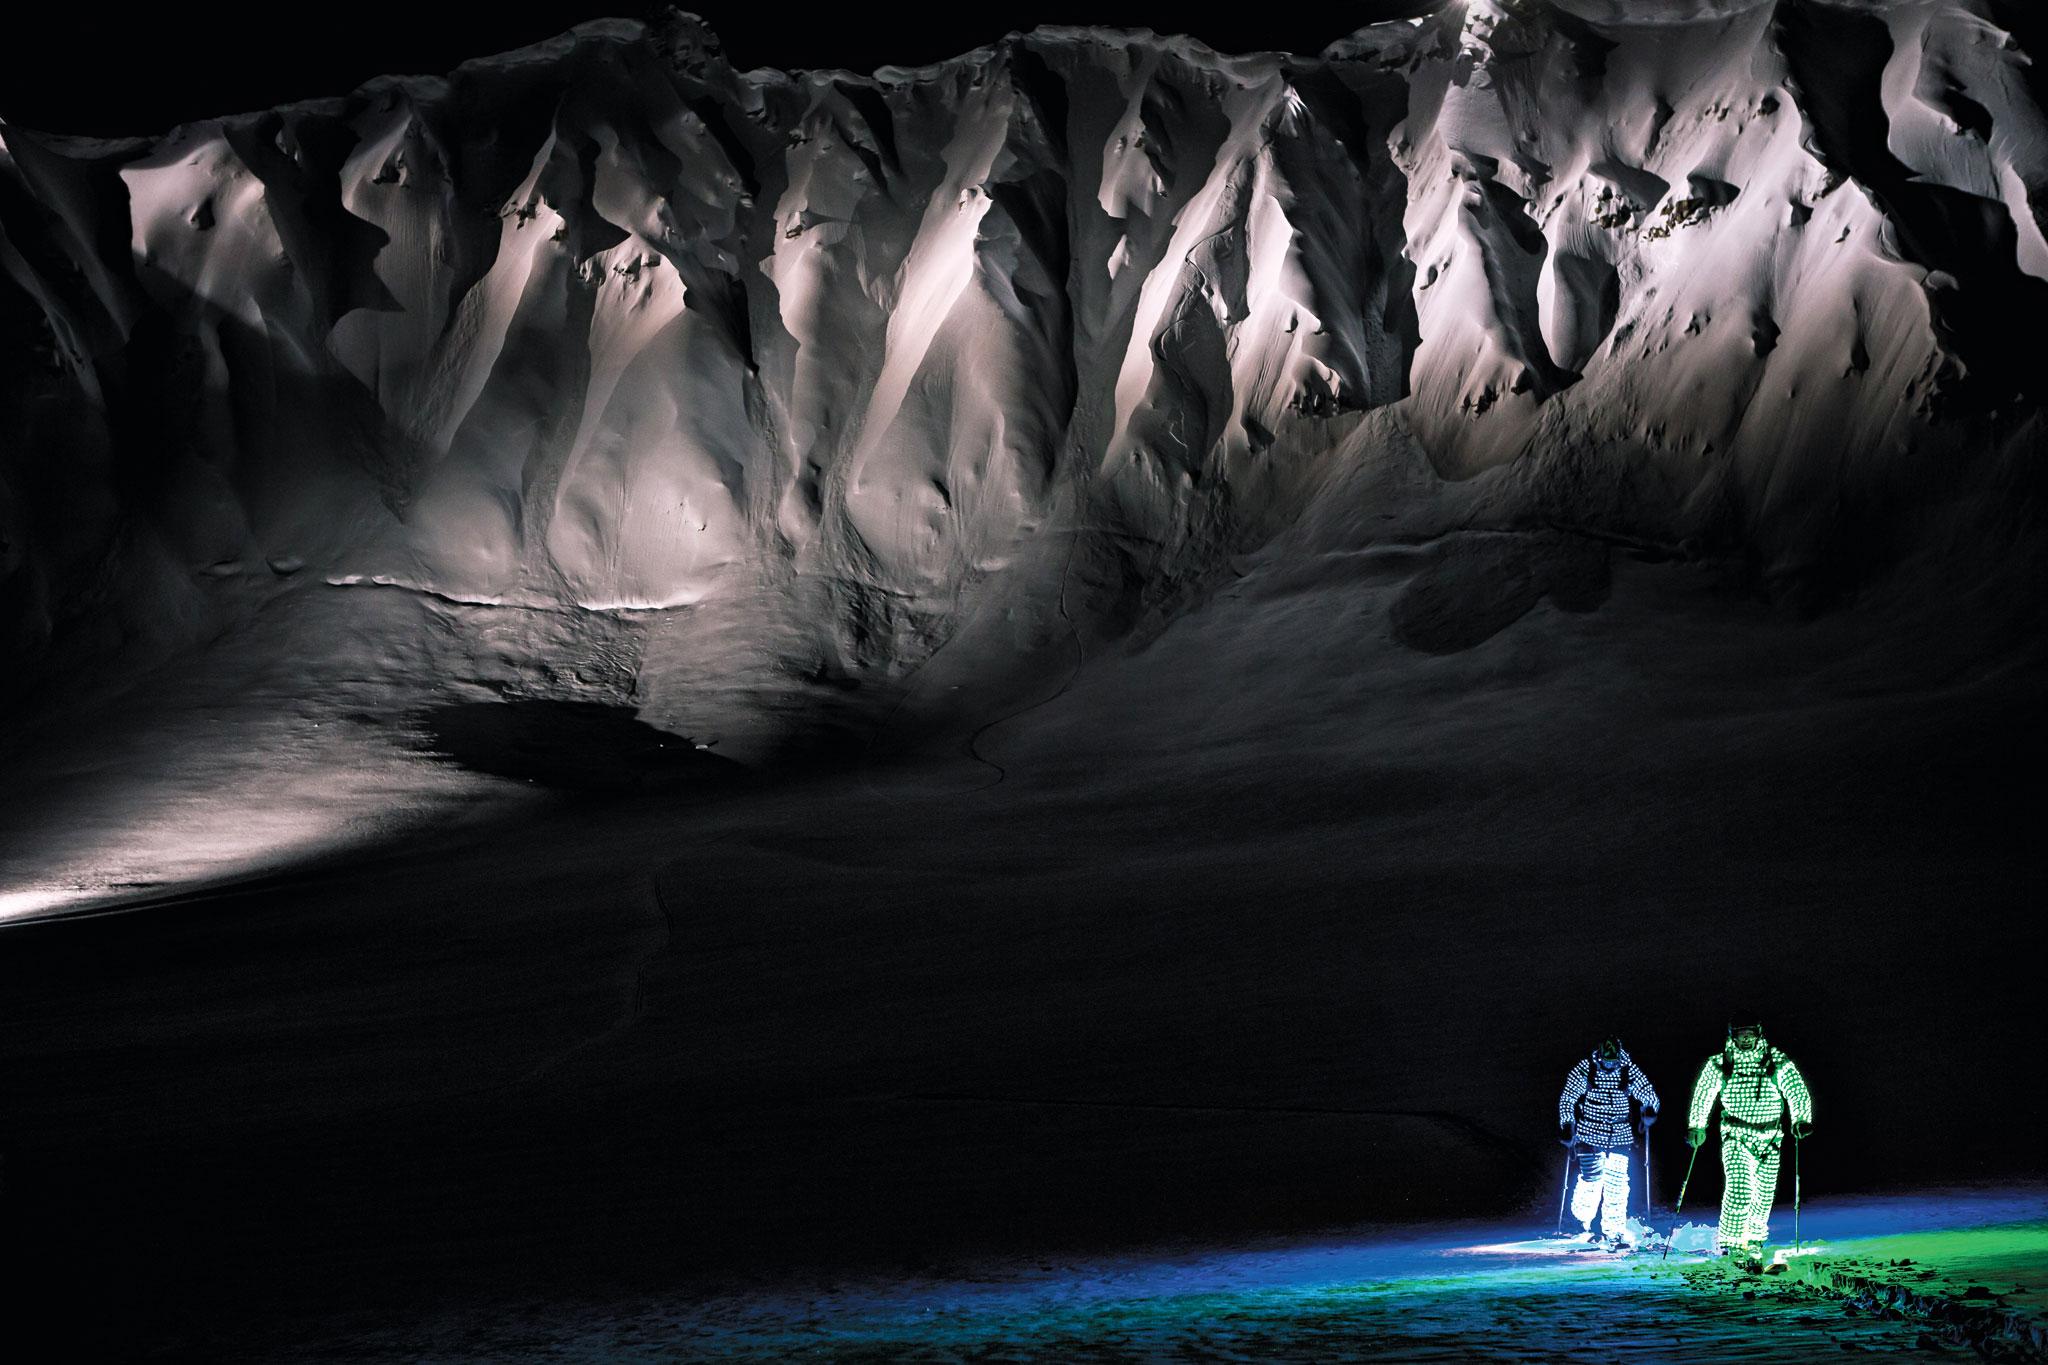 Chris Benchetler û Daron Rahlves, bi cilên xwe yên ku bi tîrêjên LEDê hatine xemilandin li Anchorageya nêzî Alaskayê şev ronî dikirin.